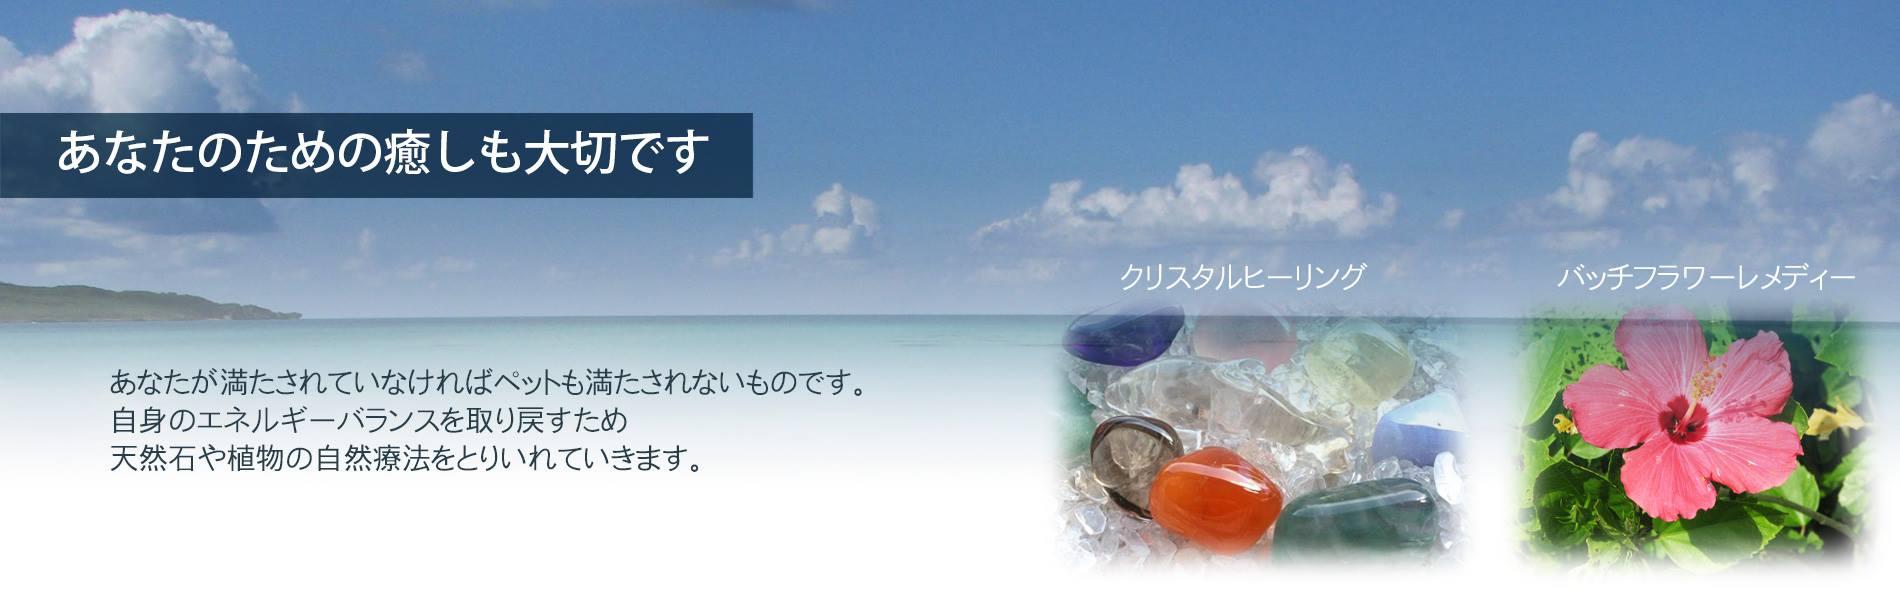 富山のアニマルヒーリングサロンみなみかぜ